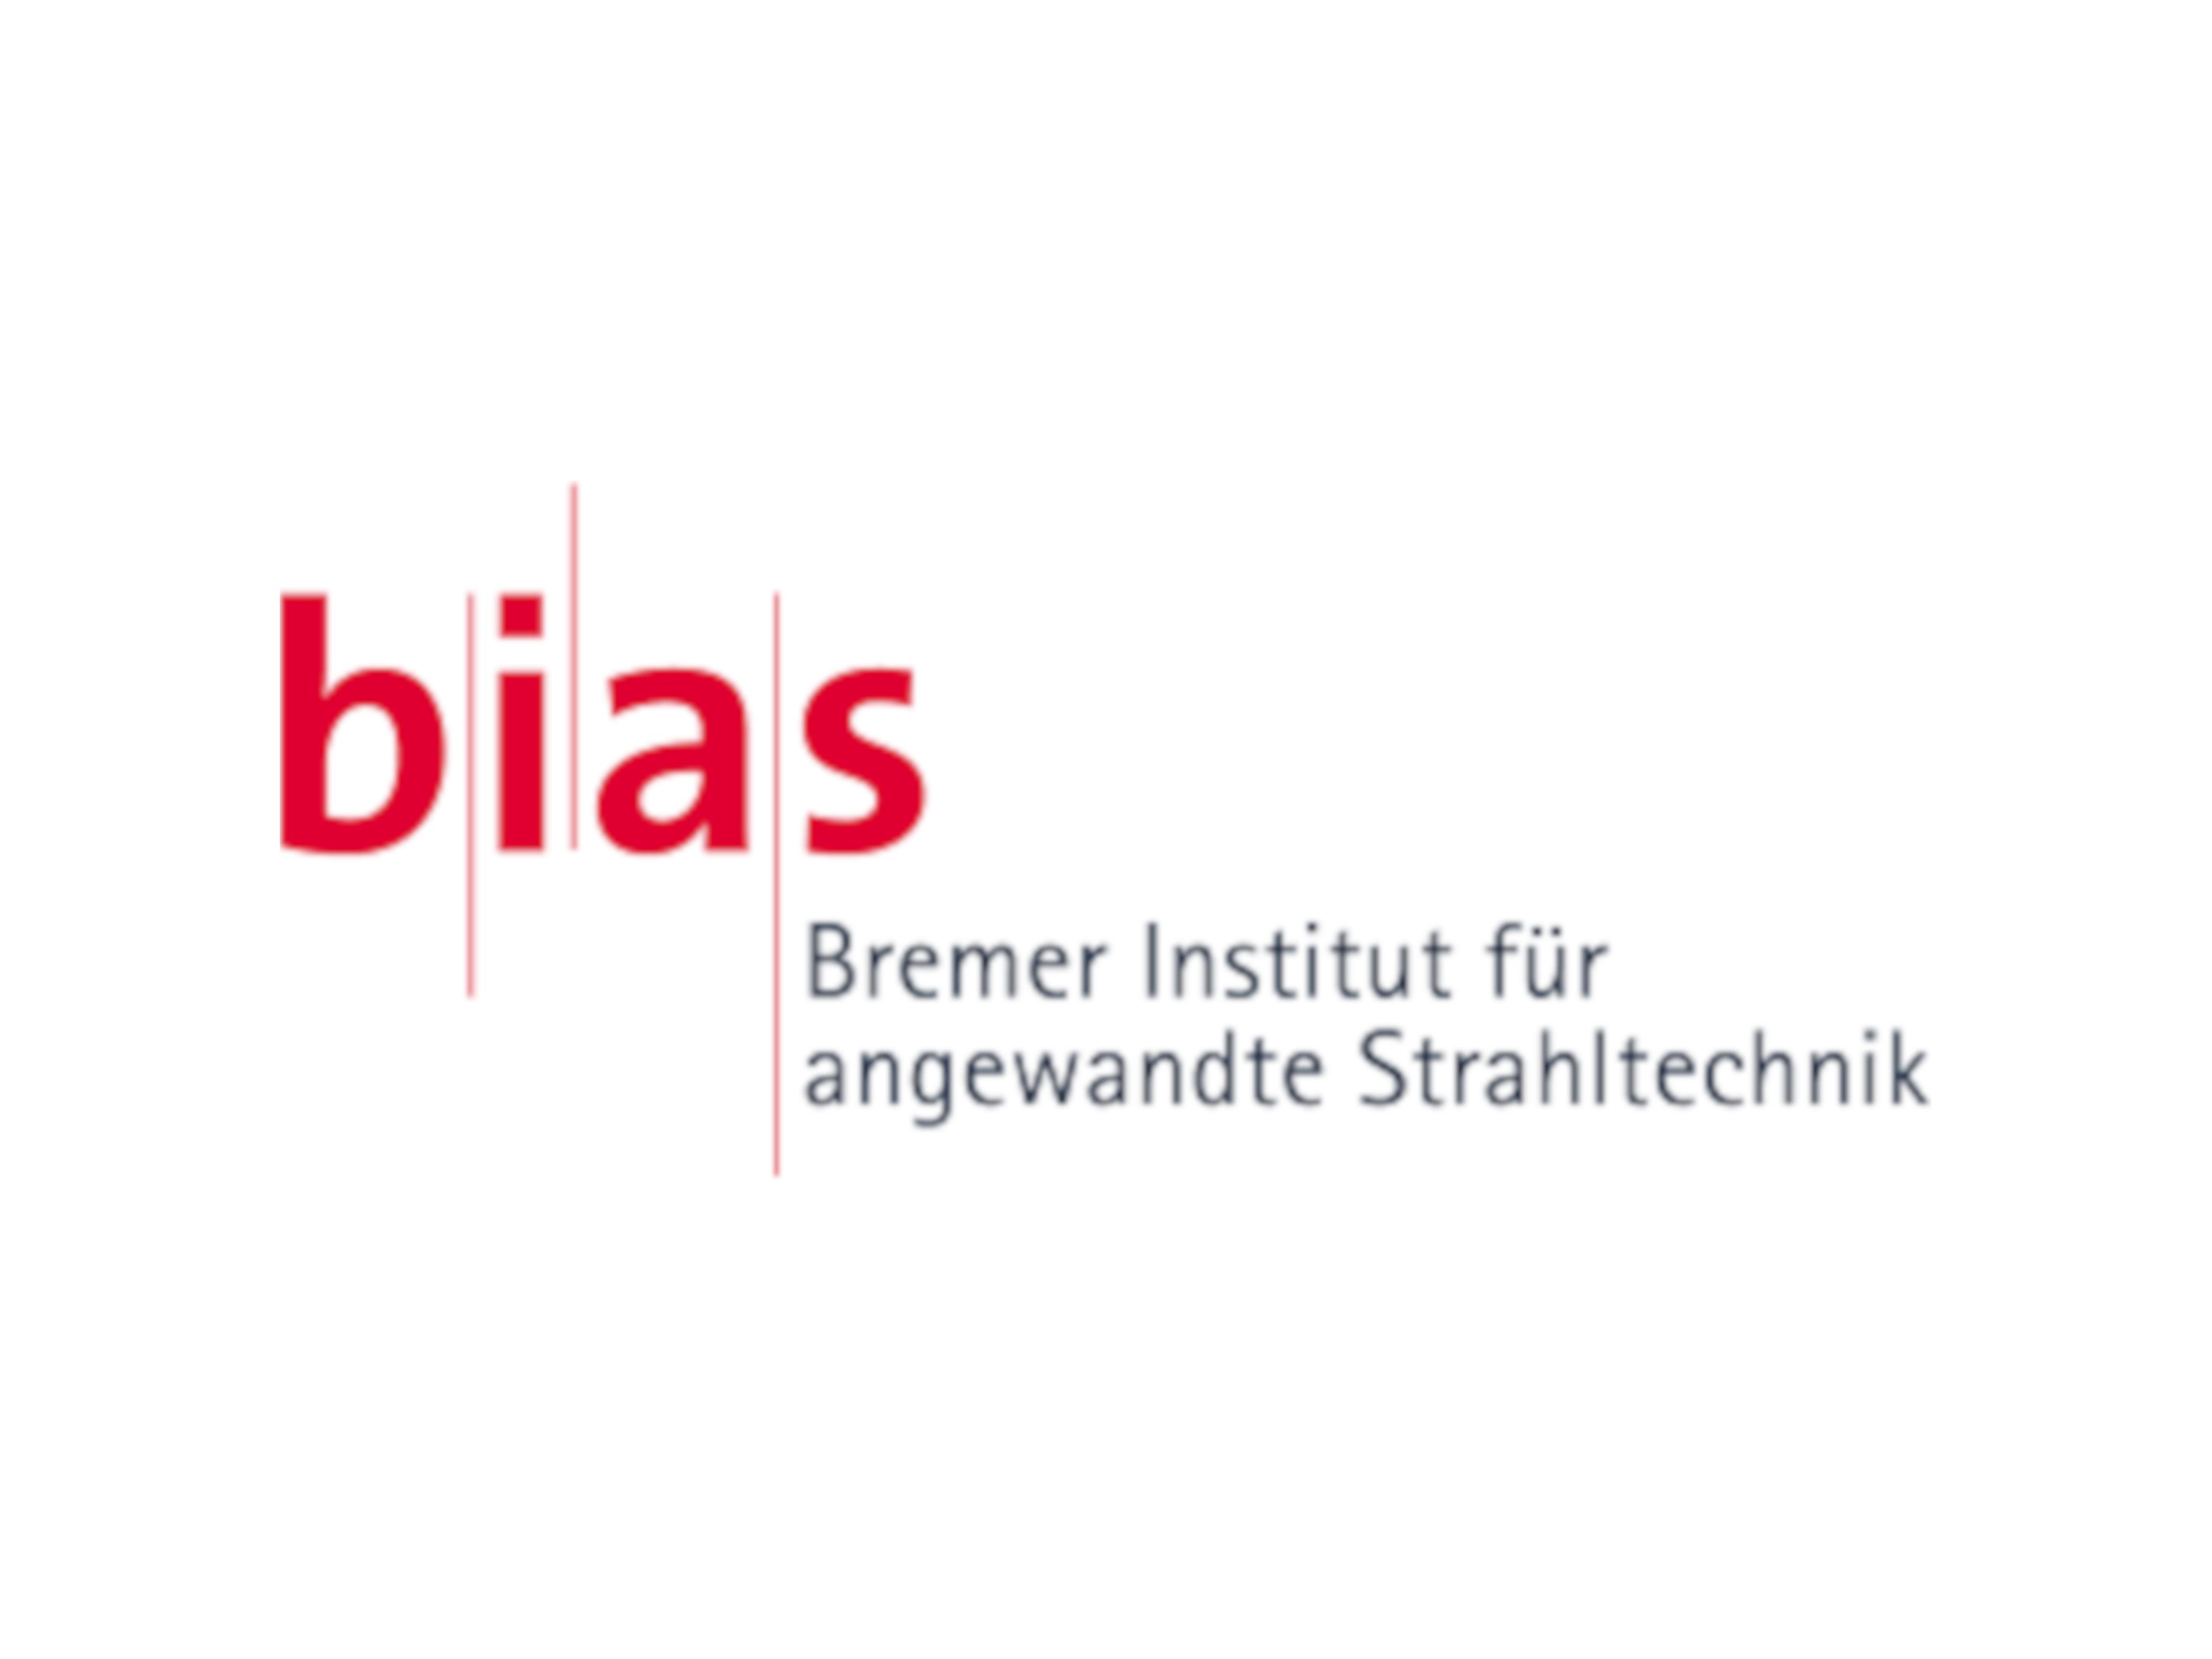 BIAS – Bremer Institut für angewandte Strahltechnik GmbH